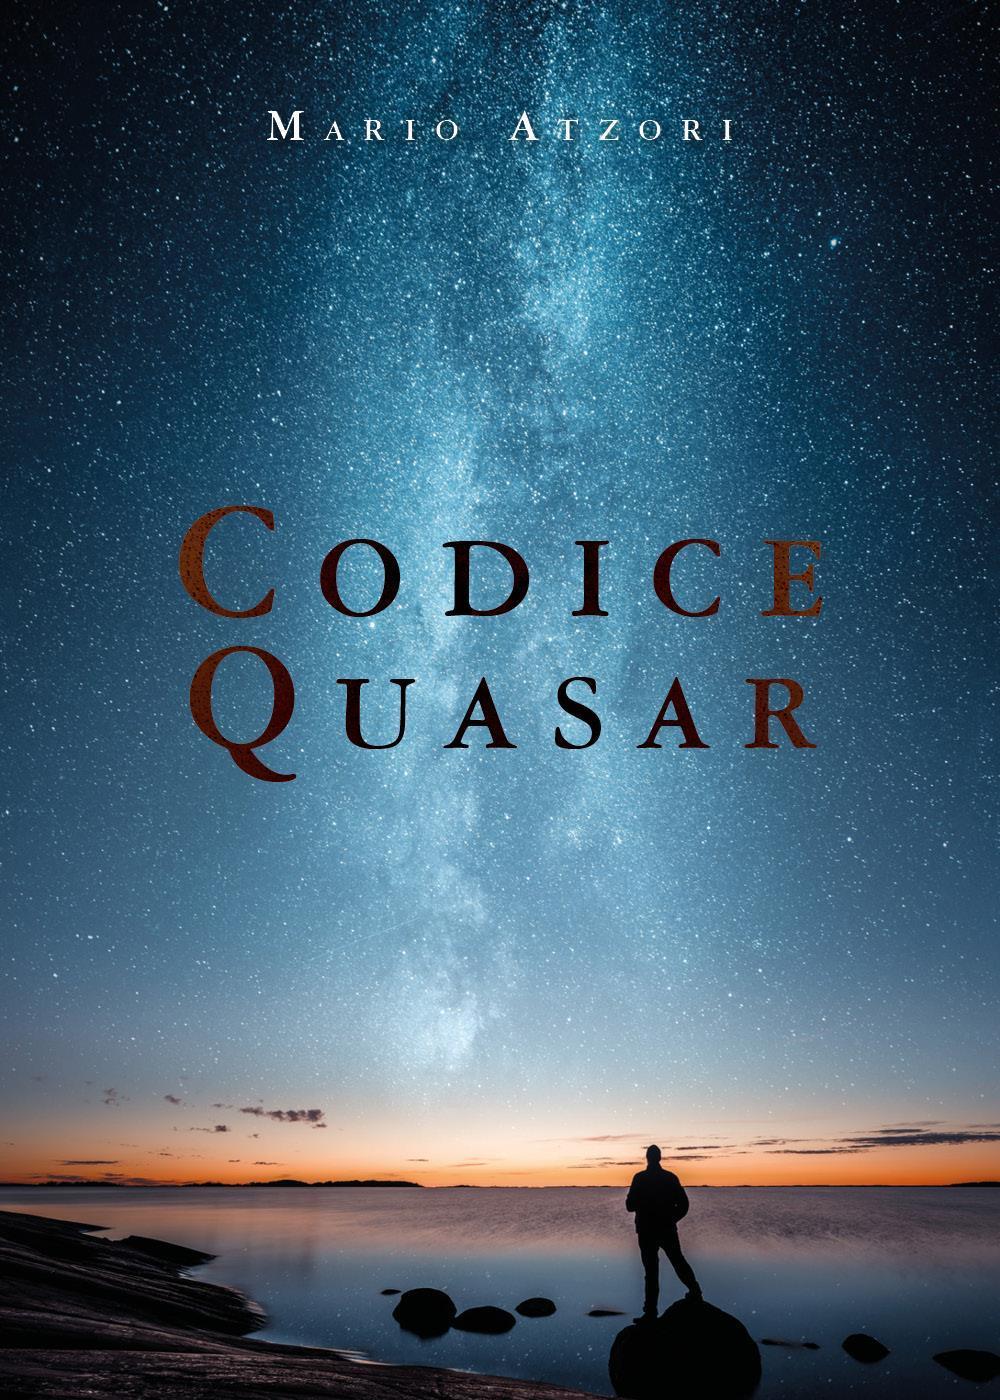 Codice Quasar